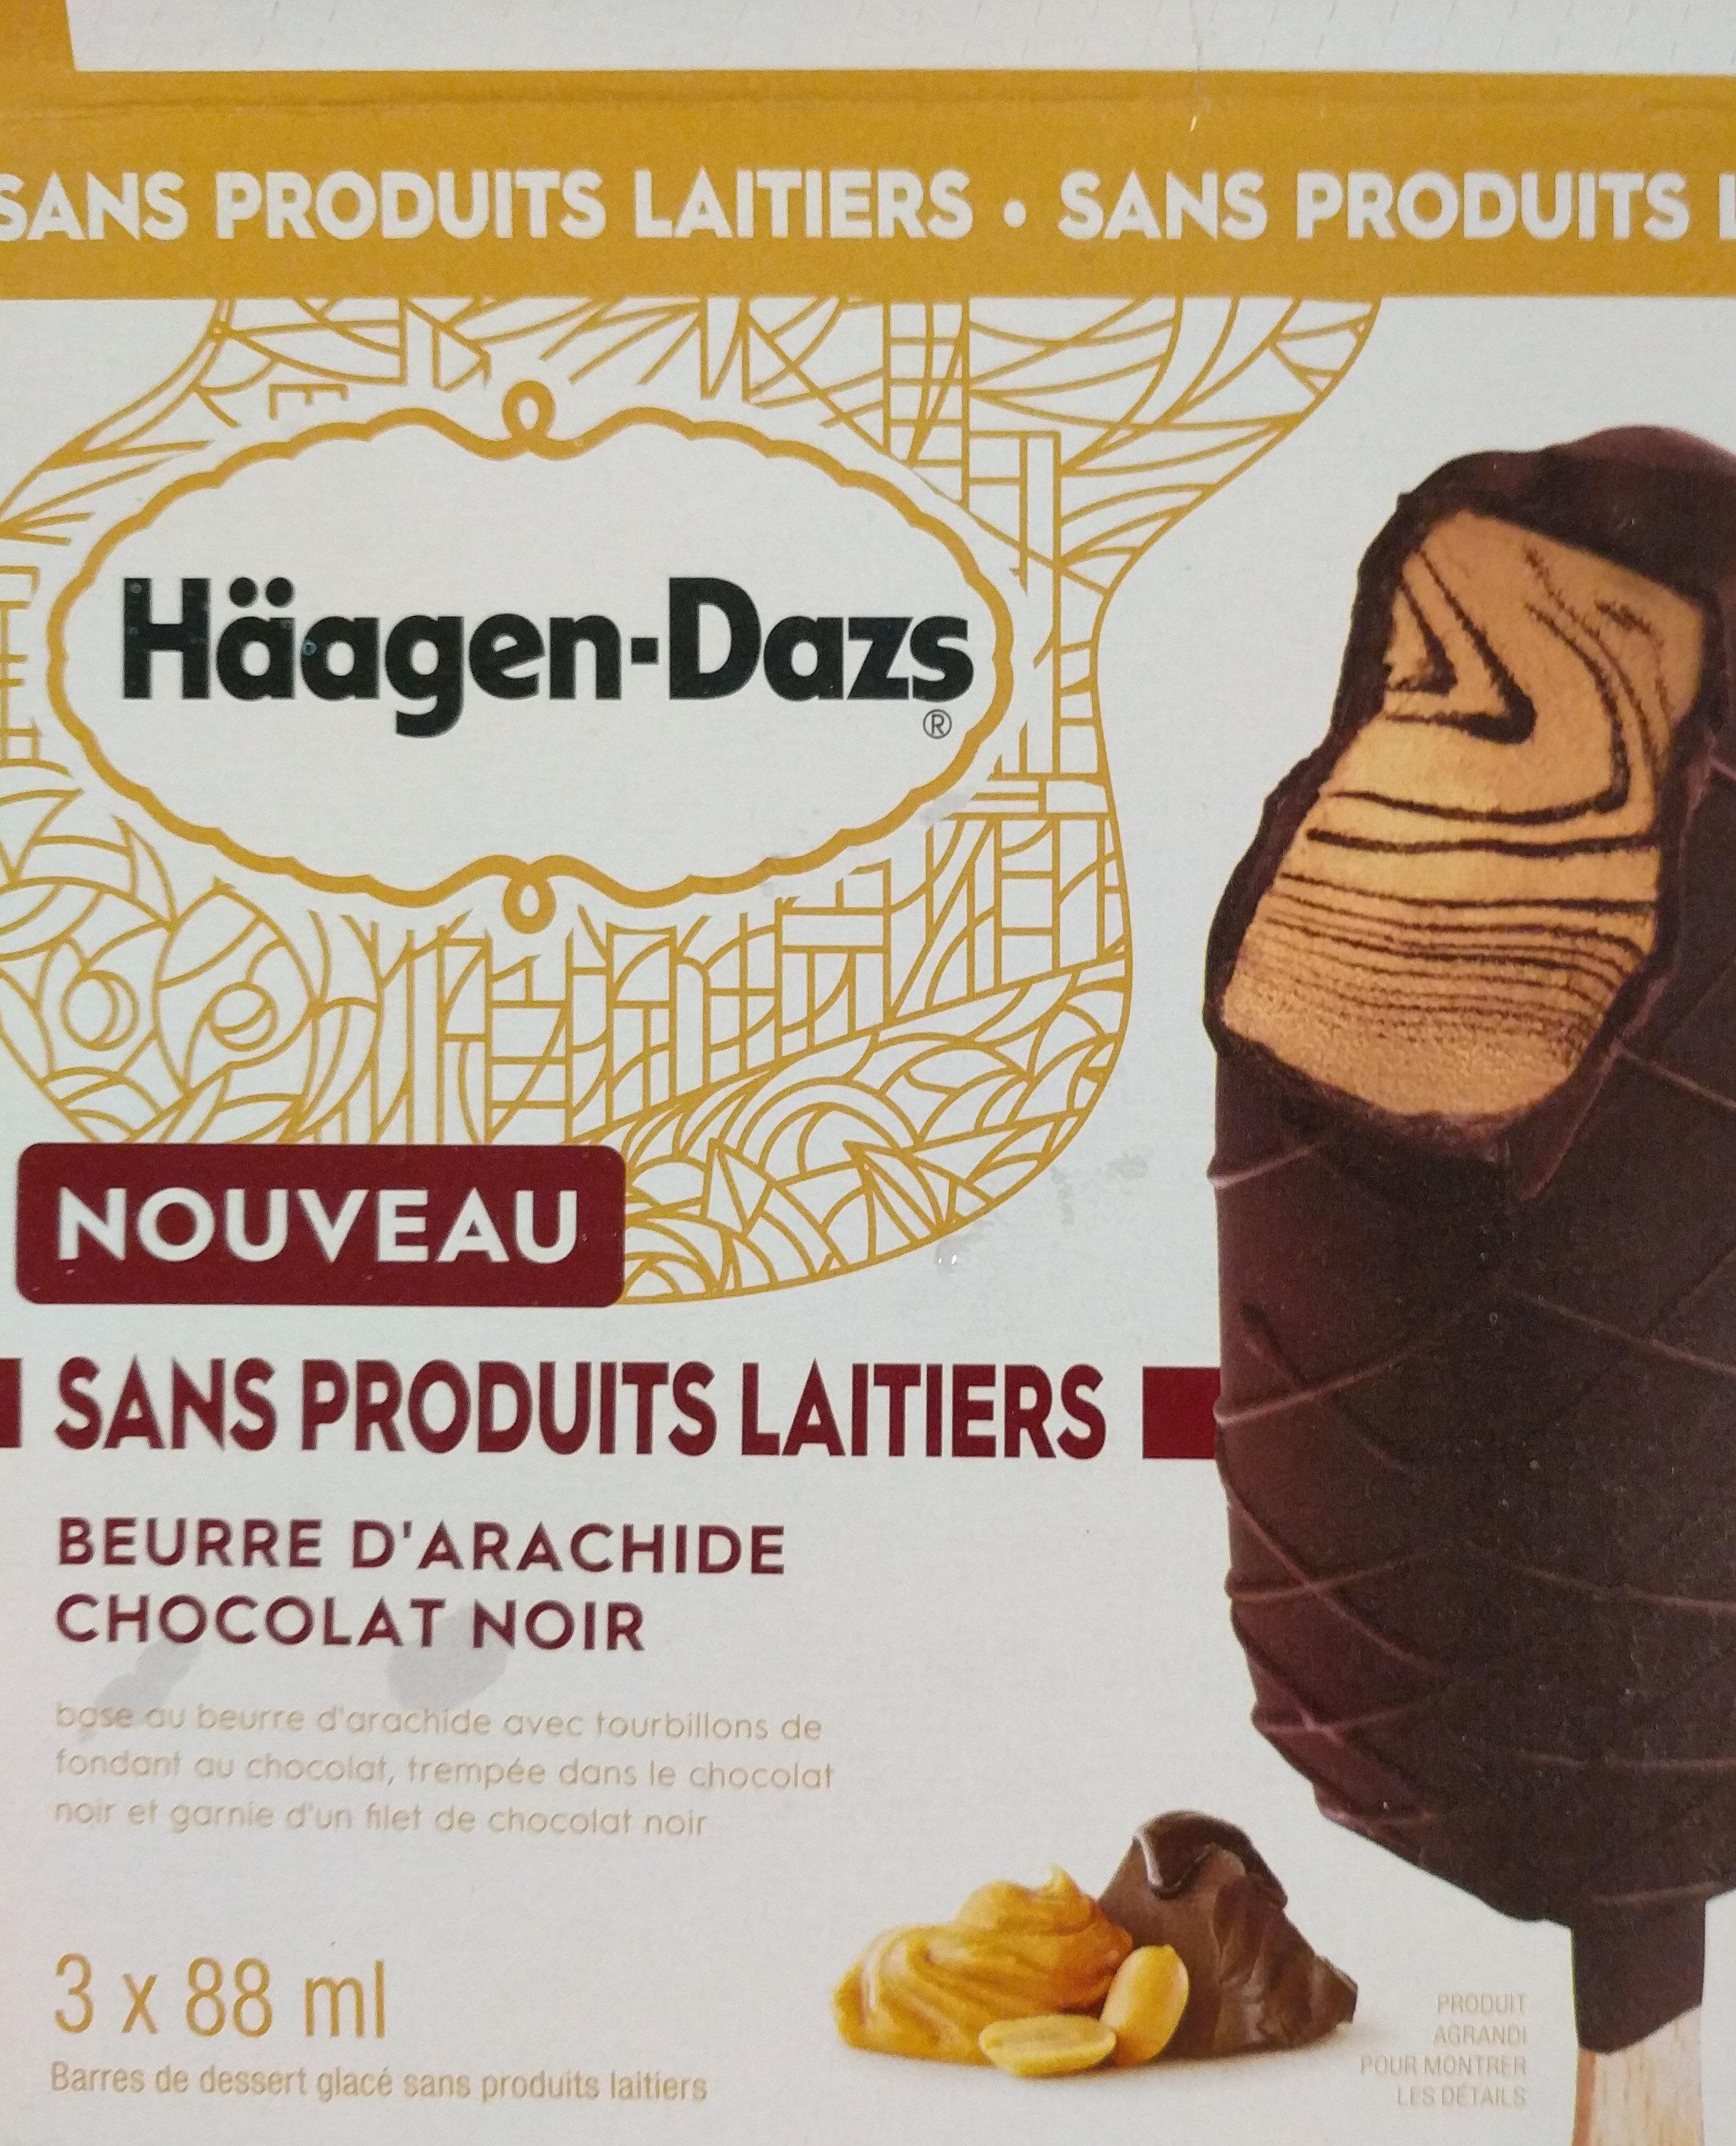 Haagen Dazs sans produits laitiers beurre d'arachide chocolat noir - Product